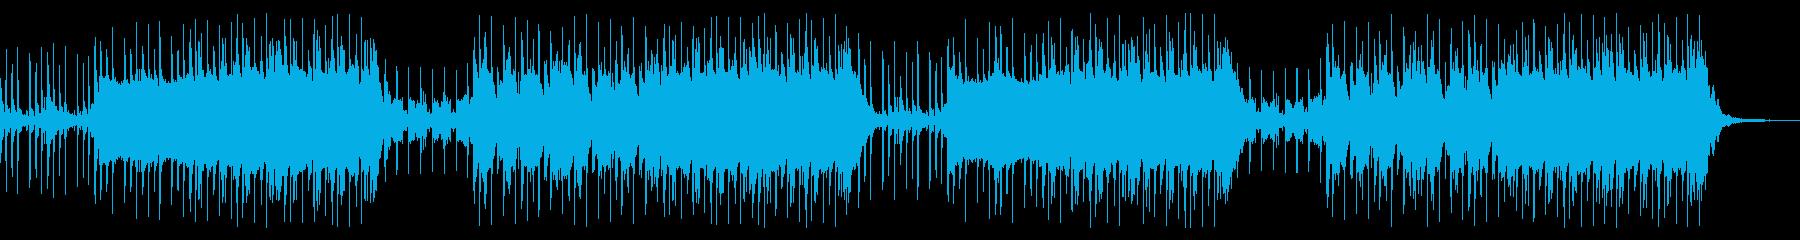 和風ダークヒップホップ2(三味線,尺八)の再生済みの波形